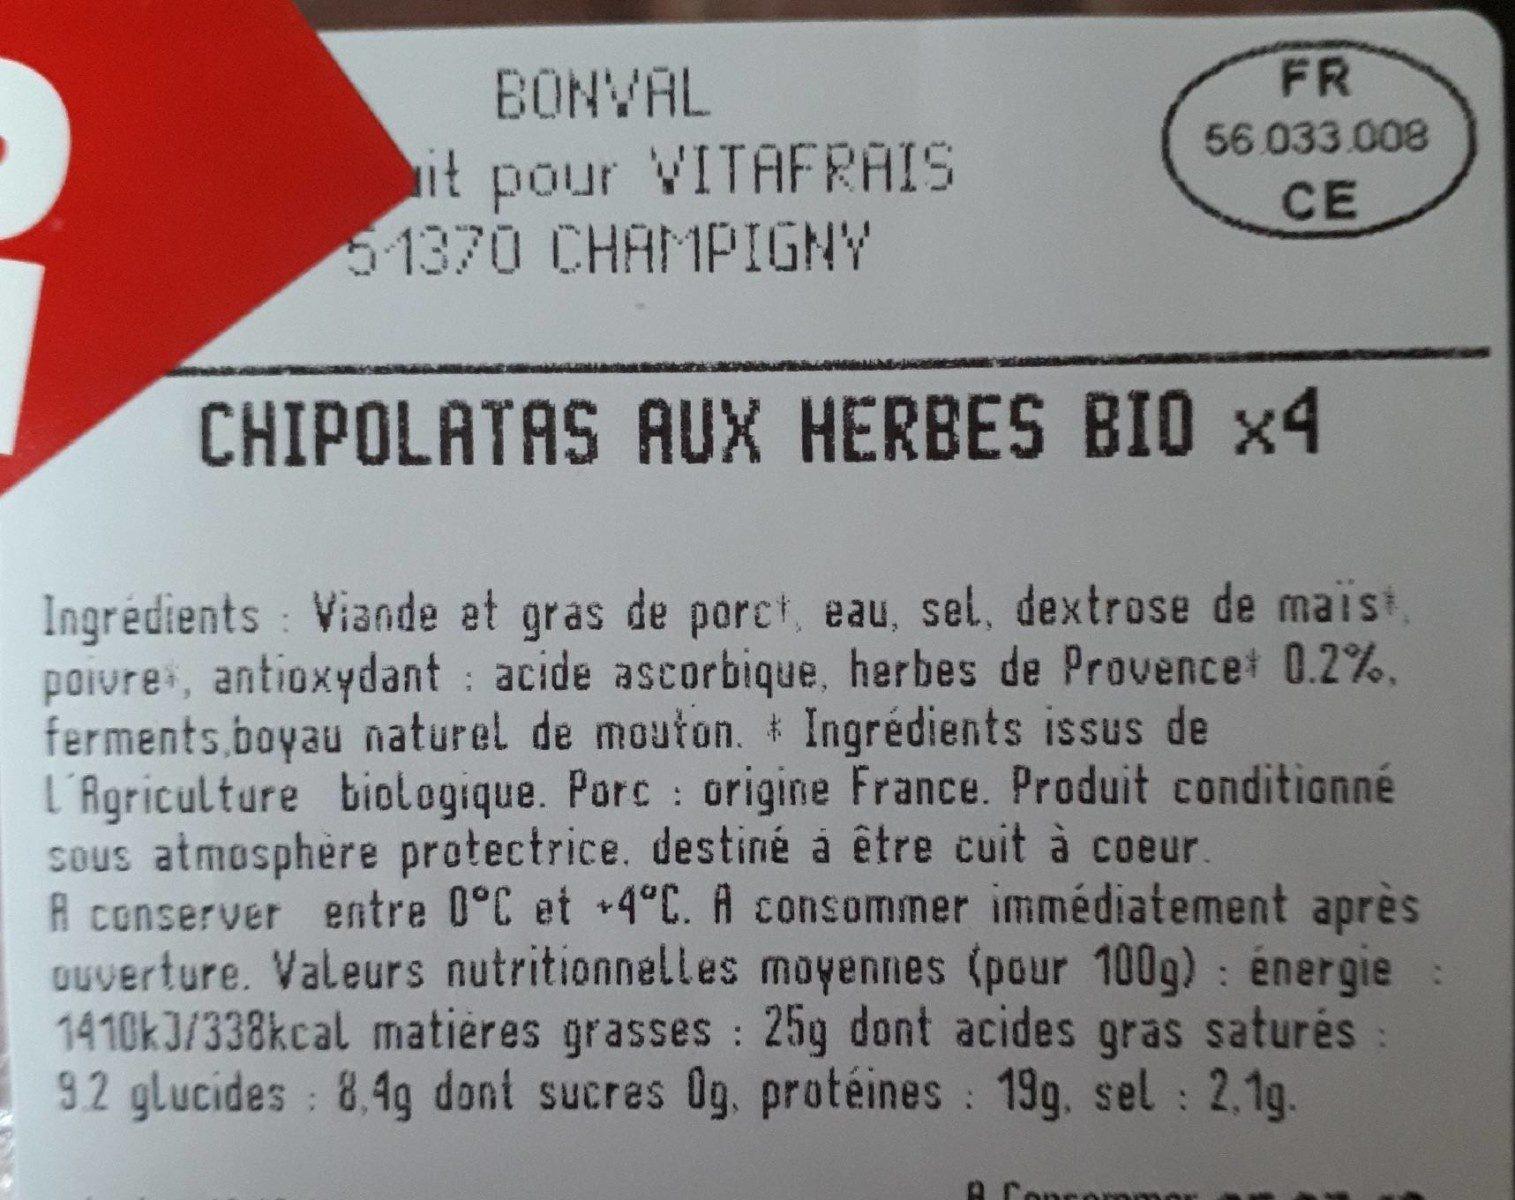 Chipolatas Aux Herbes X4 240G - Informations nutritionnelles - fr